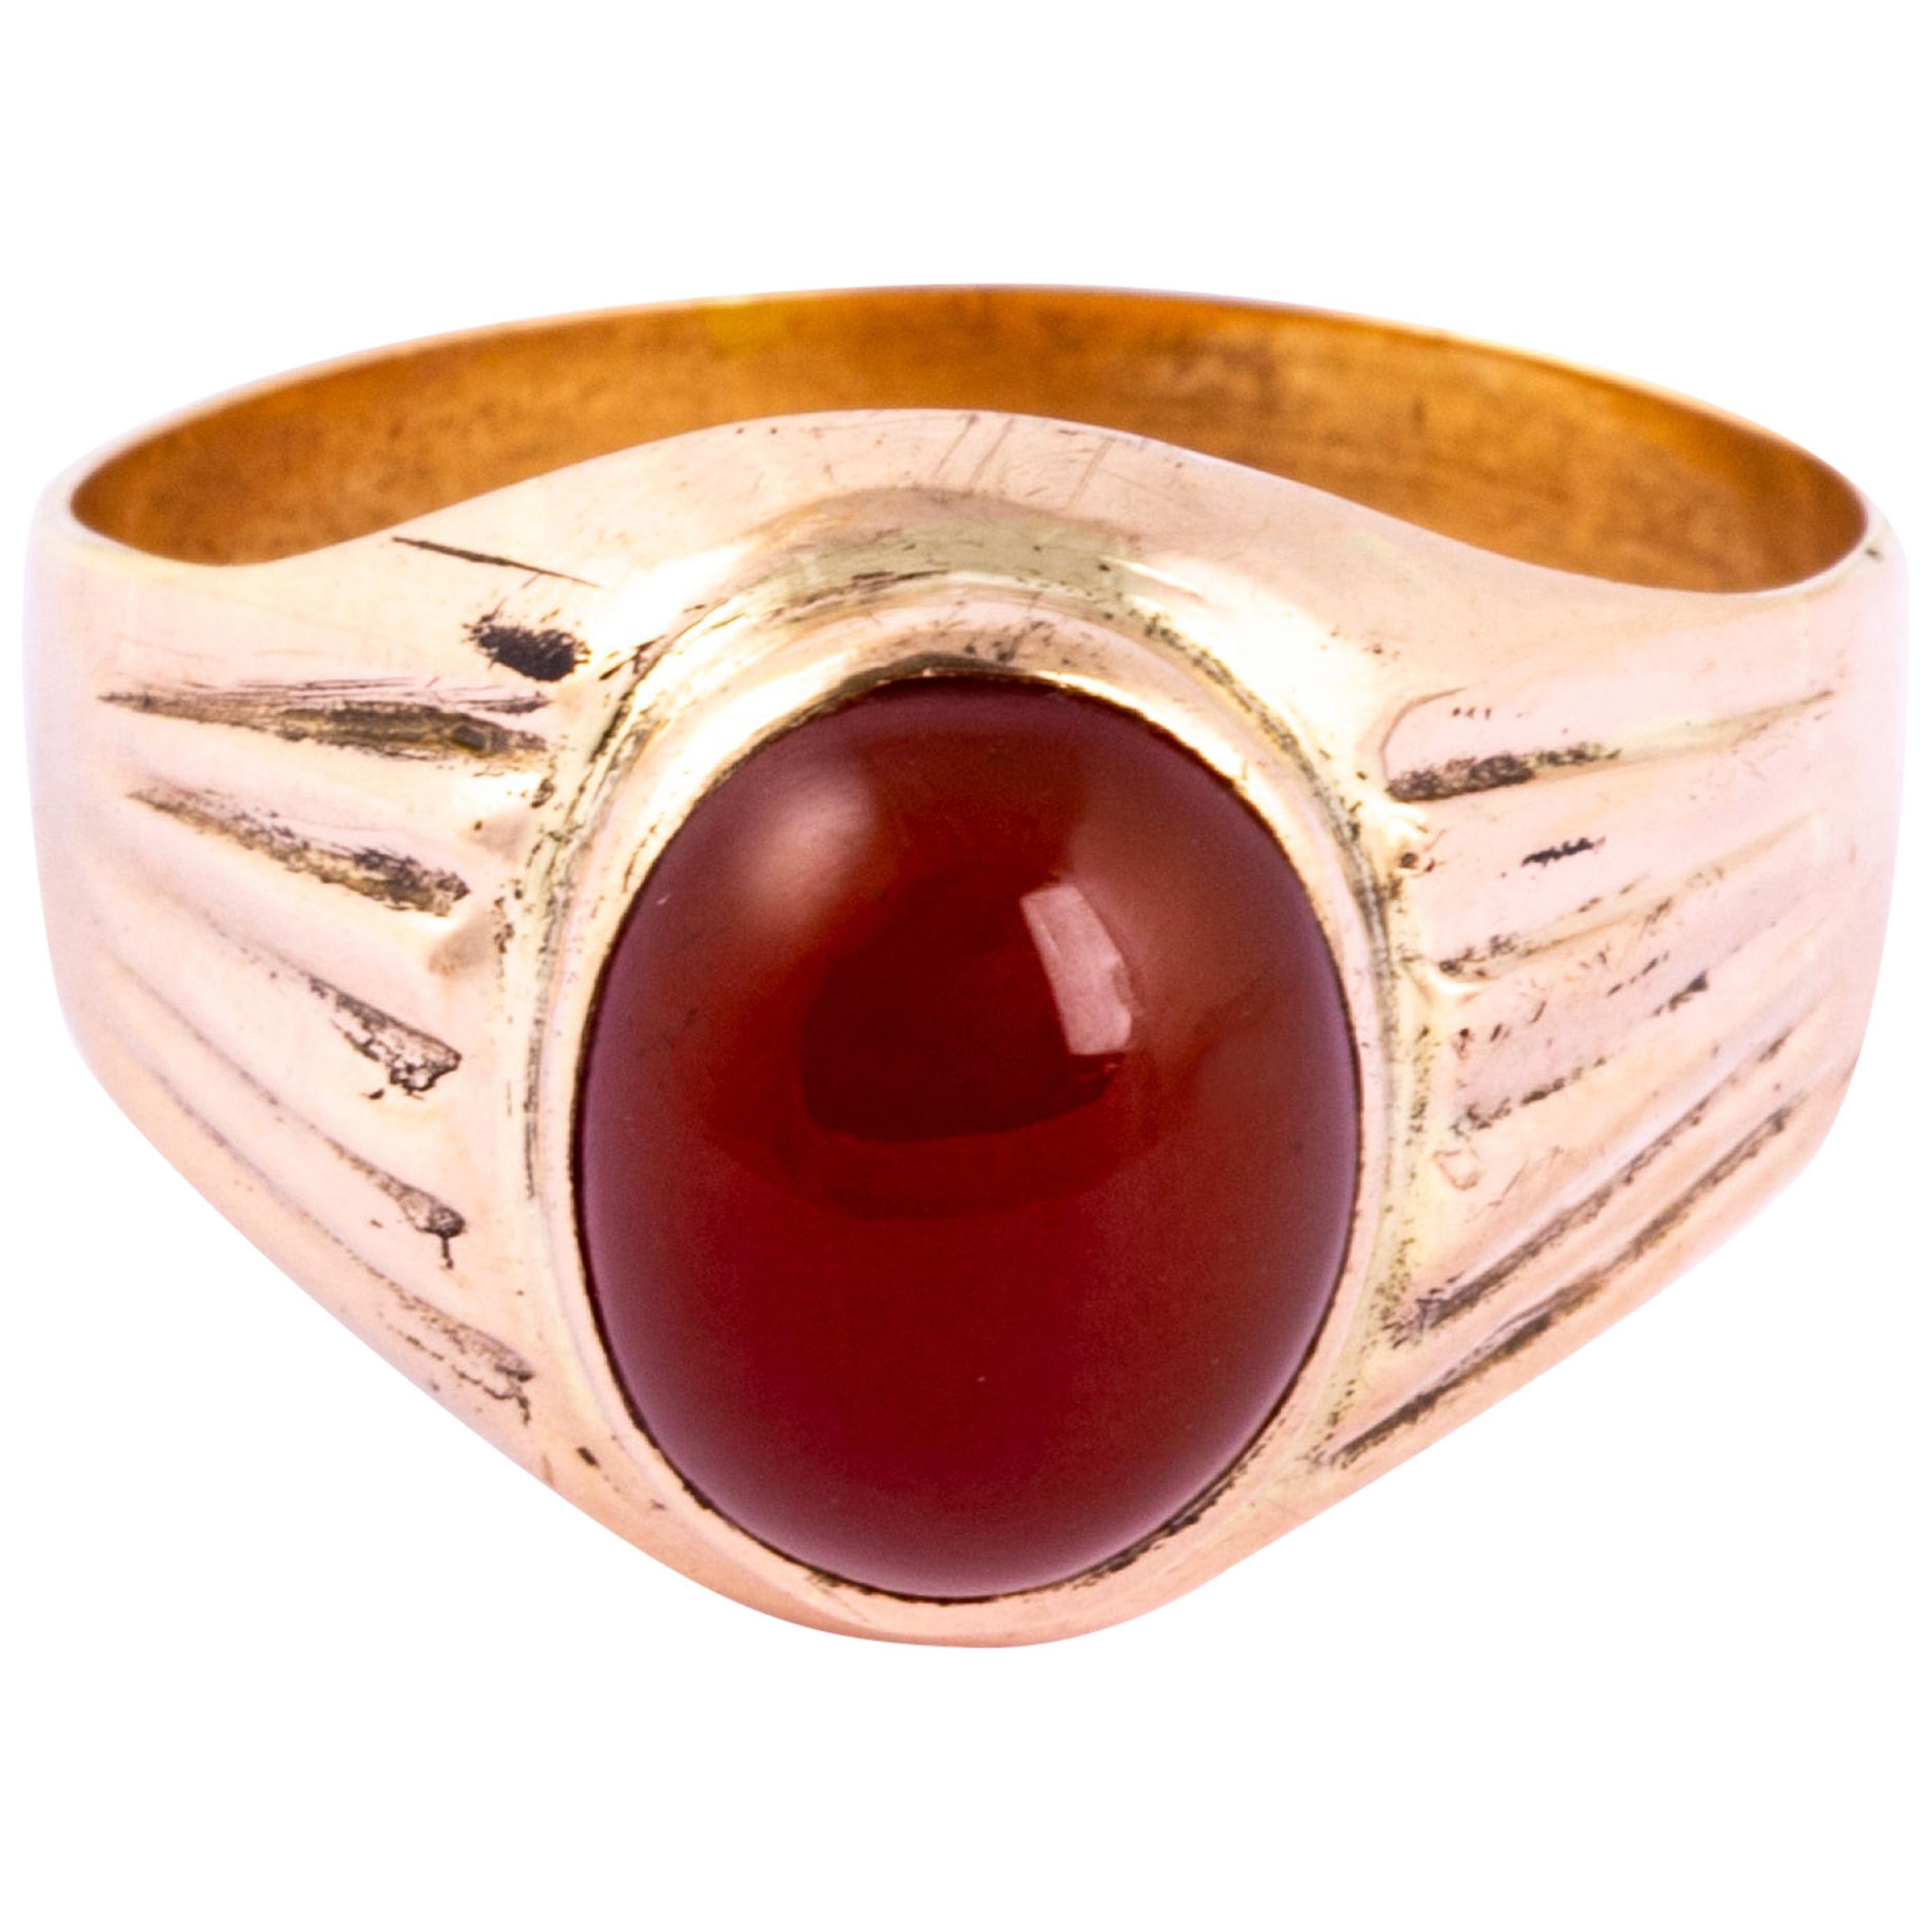 Edwardian 9 Carat Gold Carnelian Signet Ring